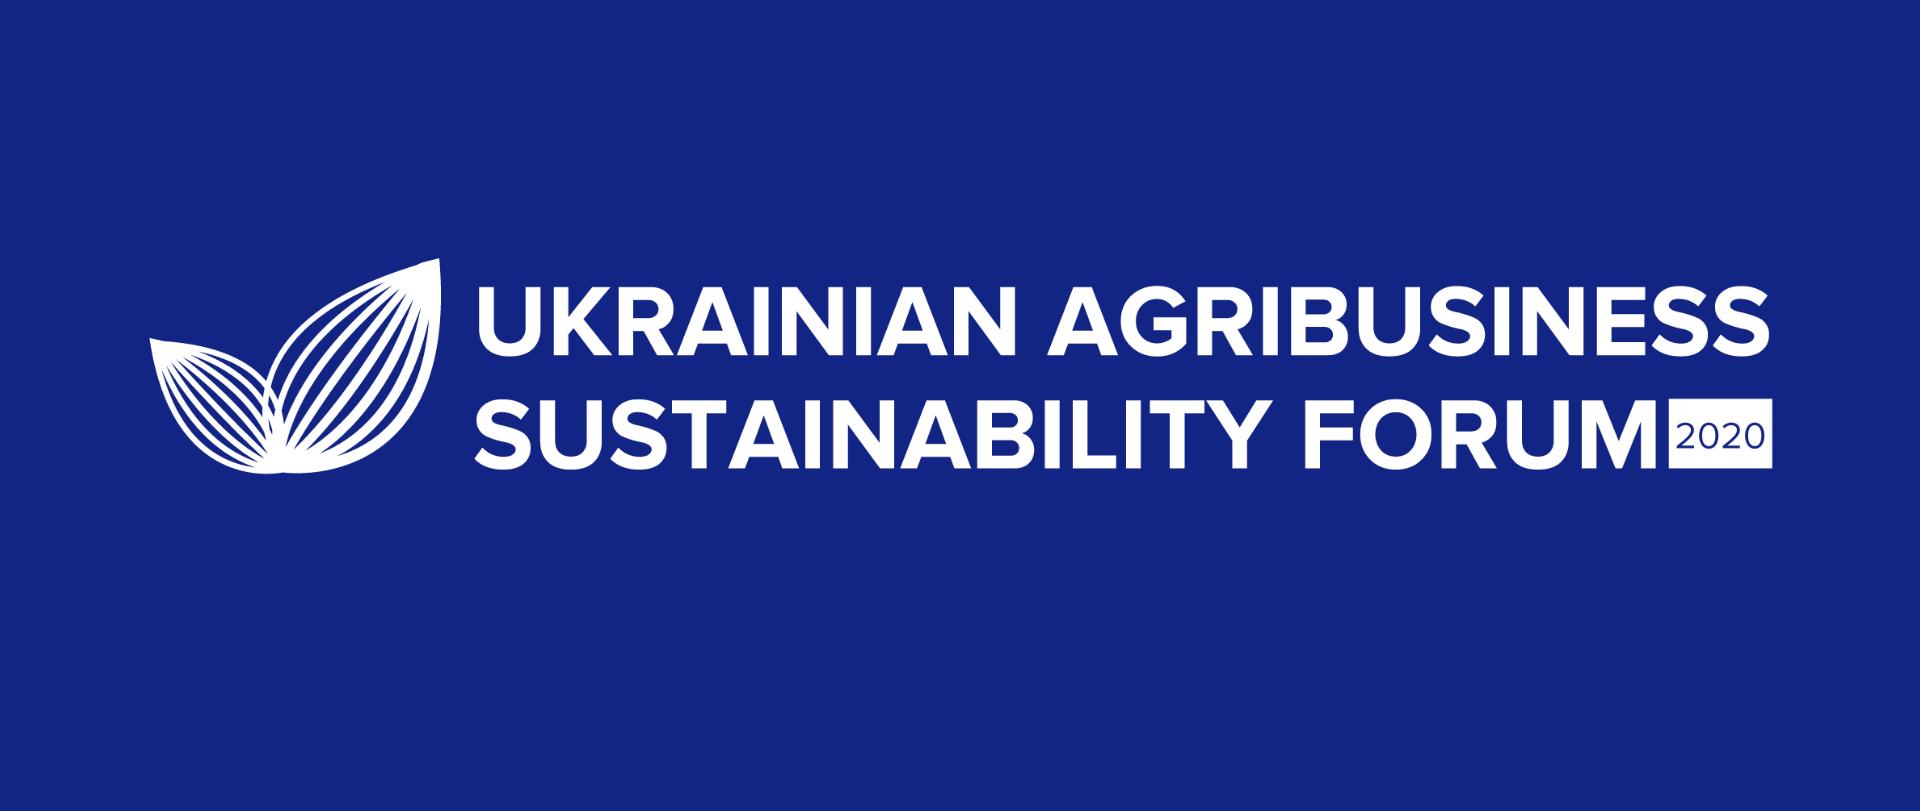 UKRAINIAN AGRIBUSINESS SUSTAINABILITY FORUM